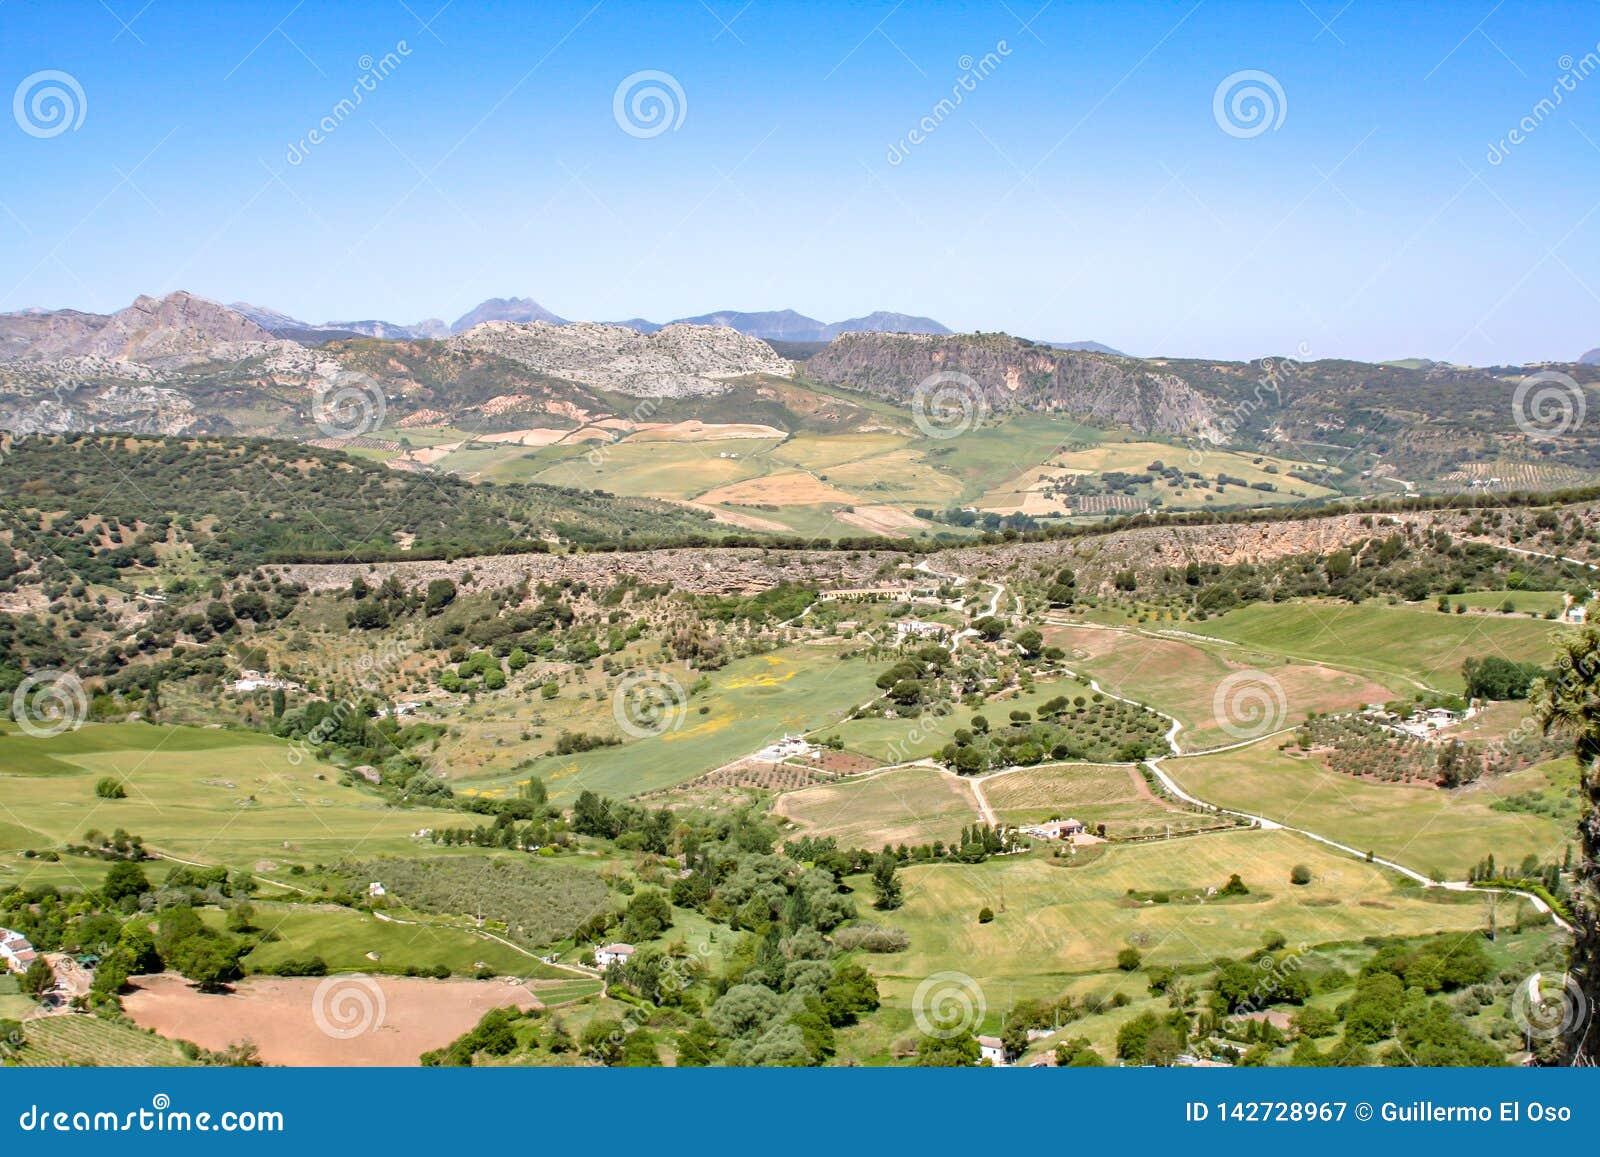 Grote mening over de bergen van Sierra Nevada